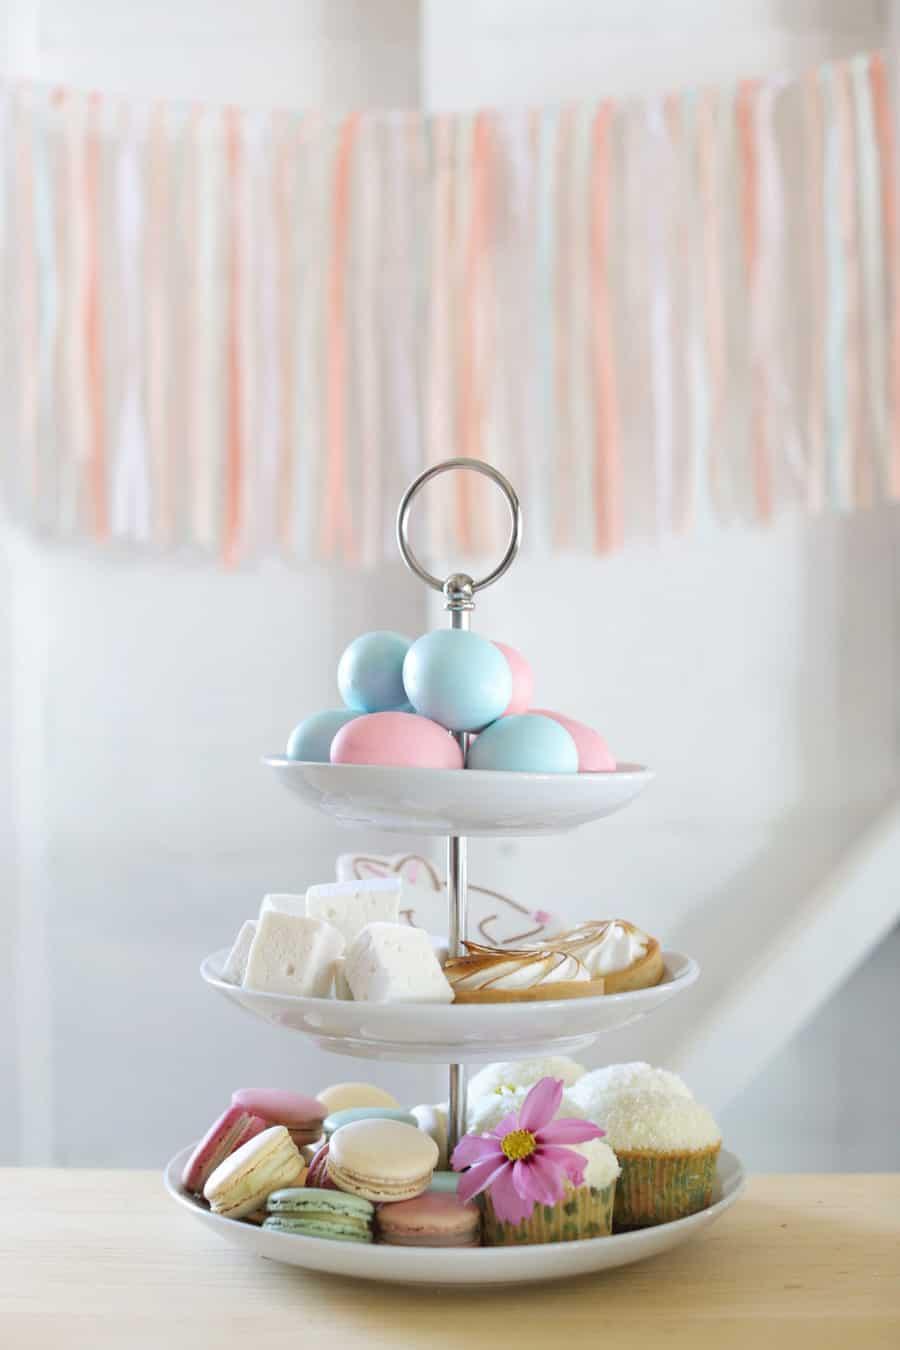 Dessert tower for Easter